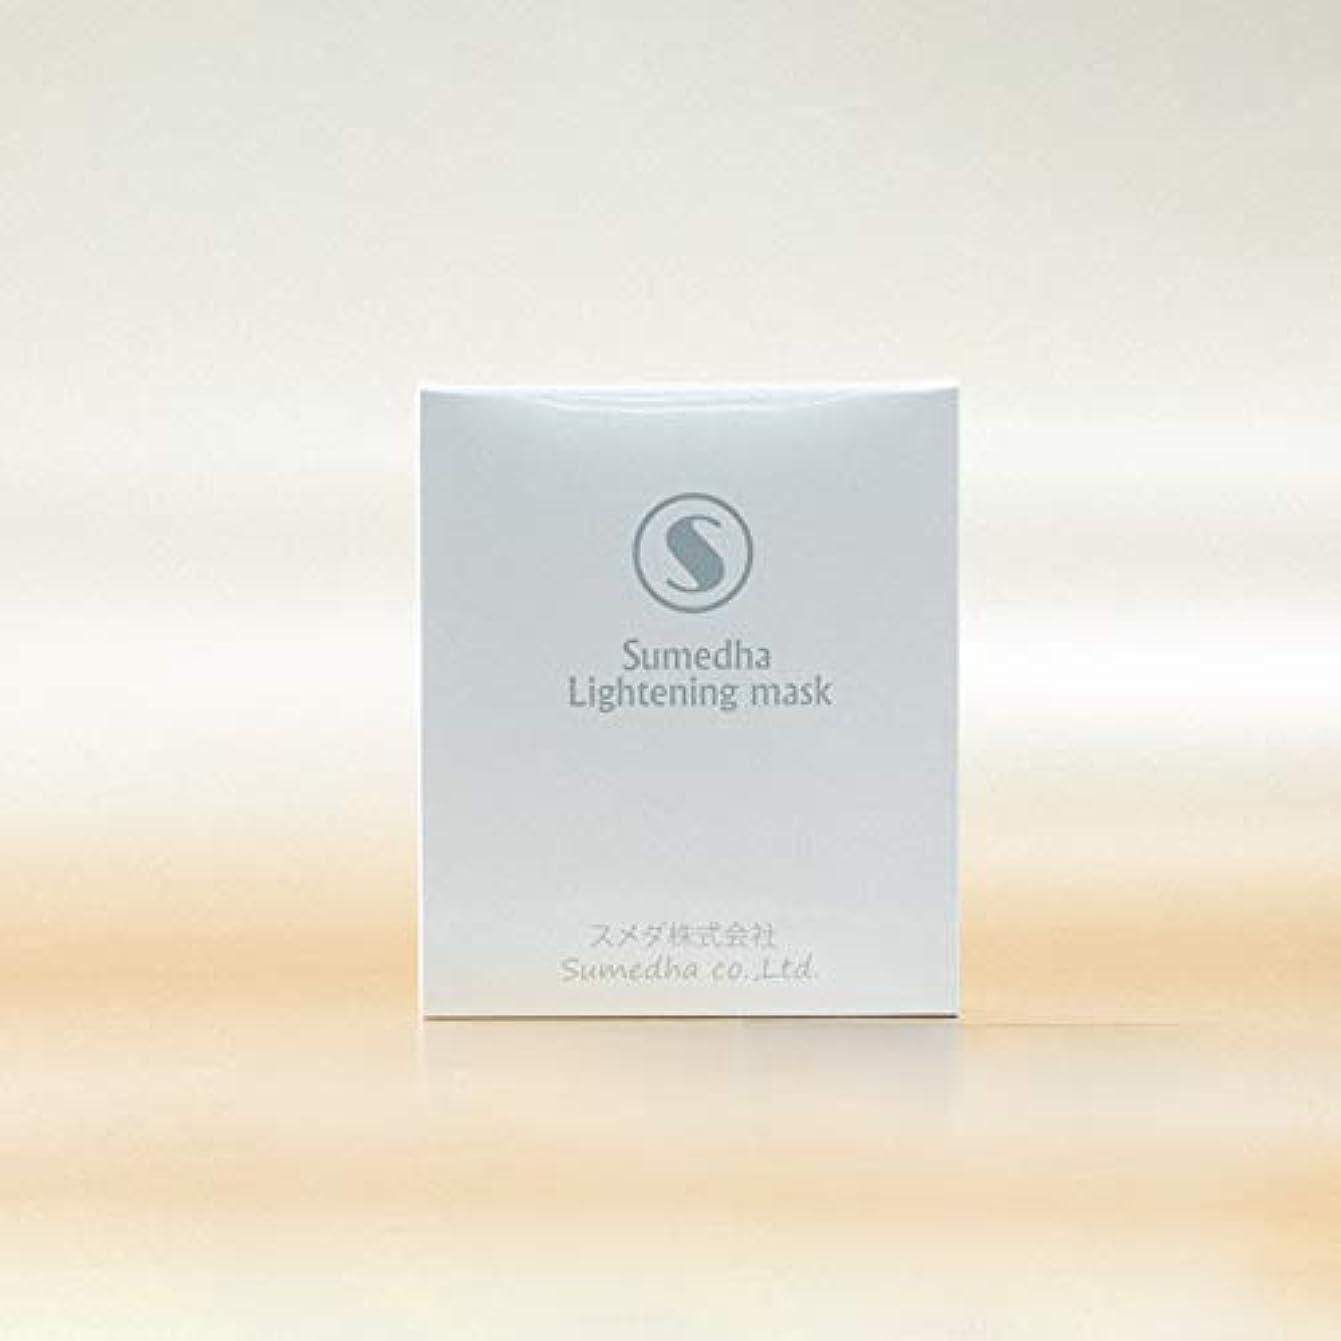 検出器険しいすきフェイスマスク Sumedha パック 保湿マスク 日本製 マスク フェイスパック 3枚入り 美白 美容 アンチセンシティブ 角質層修復 抗酸化 保湿 補水 敏感肌 発赤 アレルギー緩和 コーセー (美白)